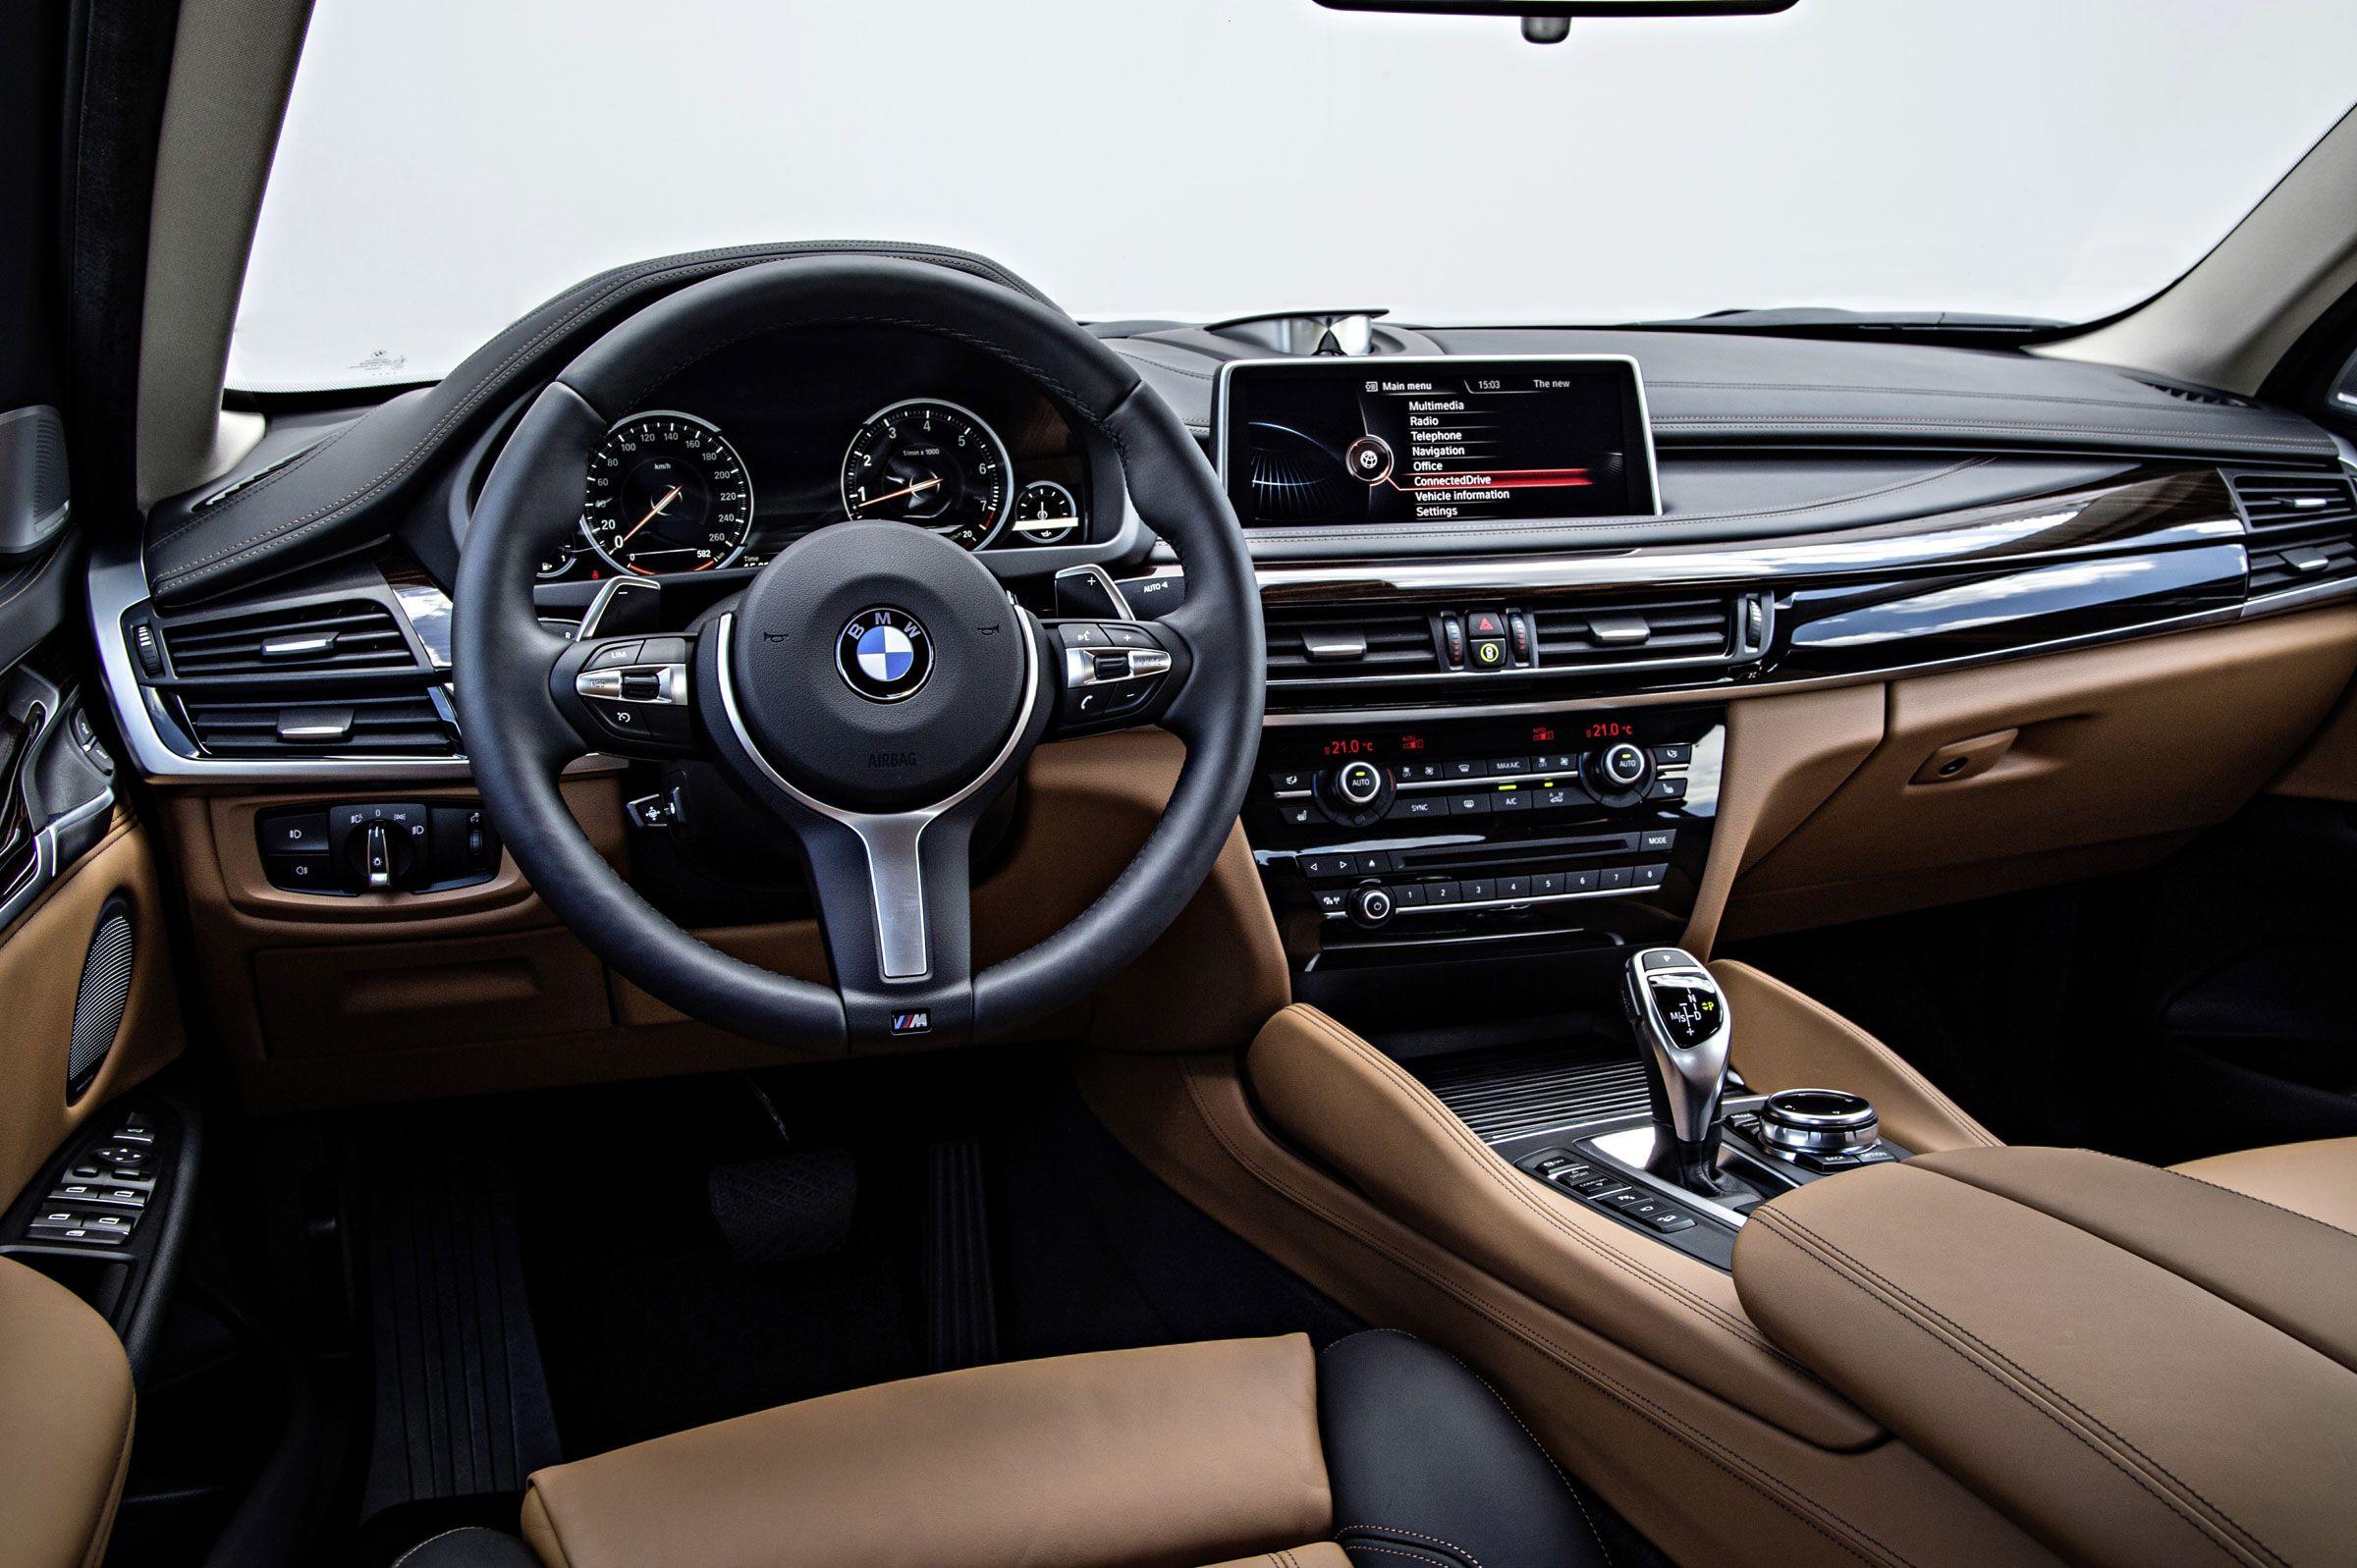 Bmw X6 Xdrive50i Review Pictures Bmw X6 Bmw X6 Interior Bmw